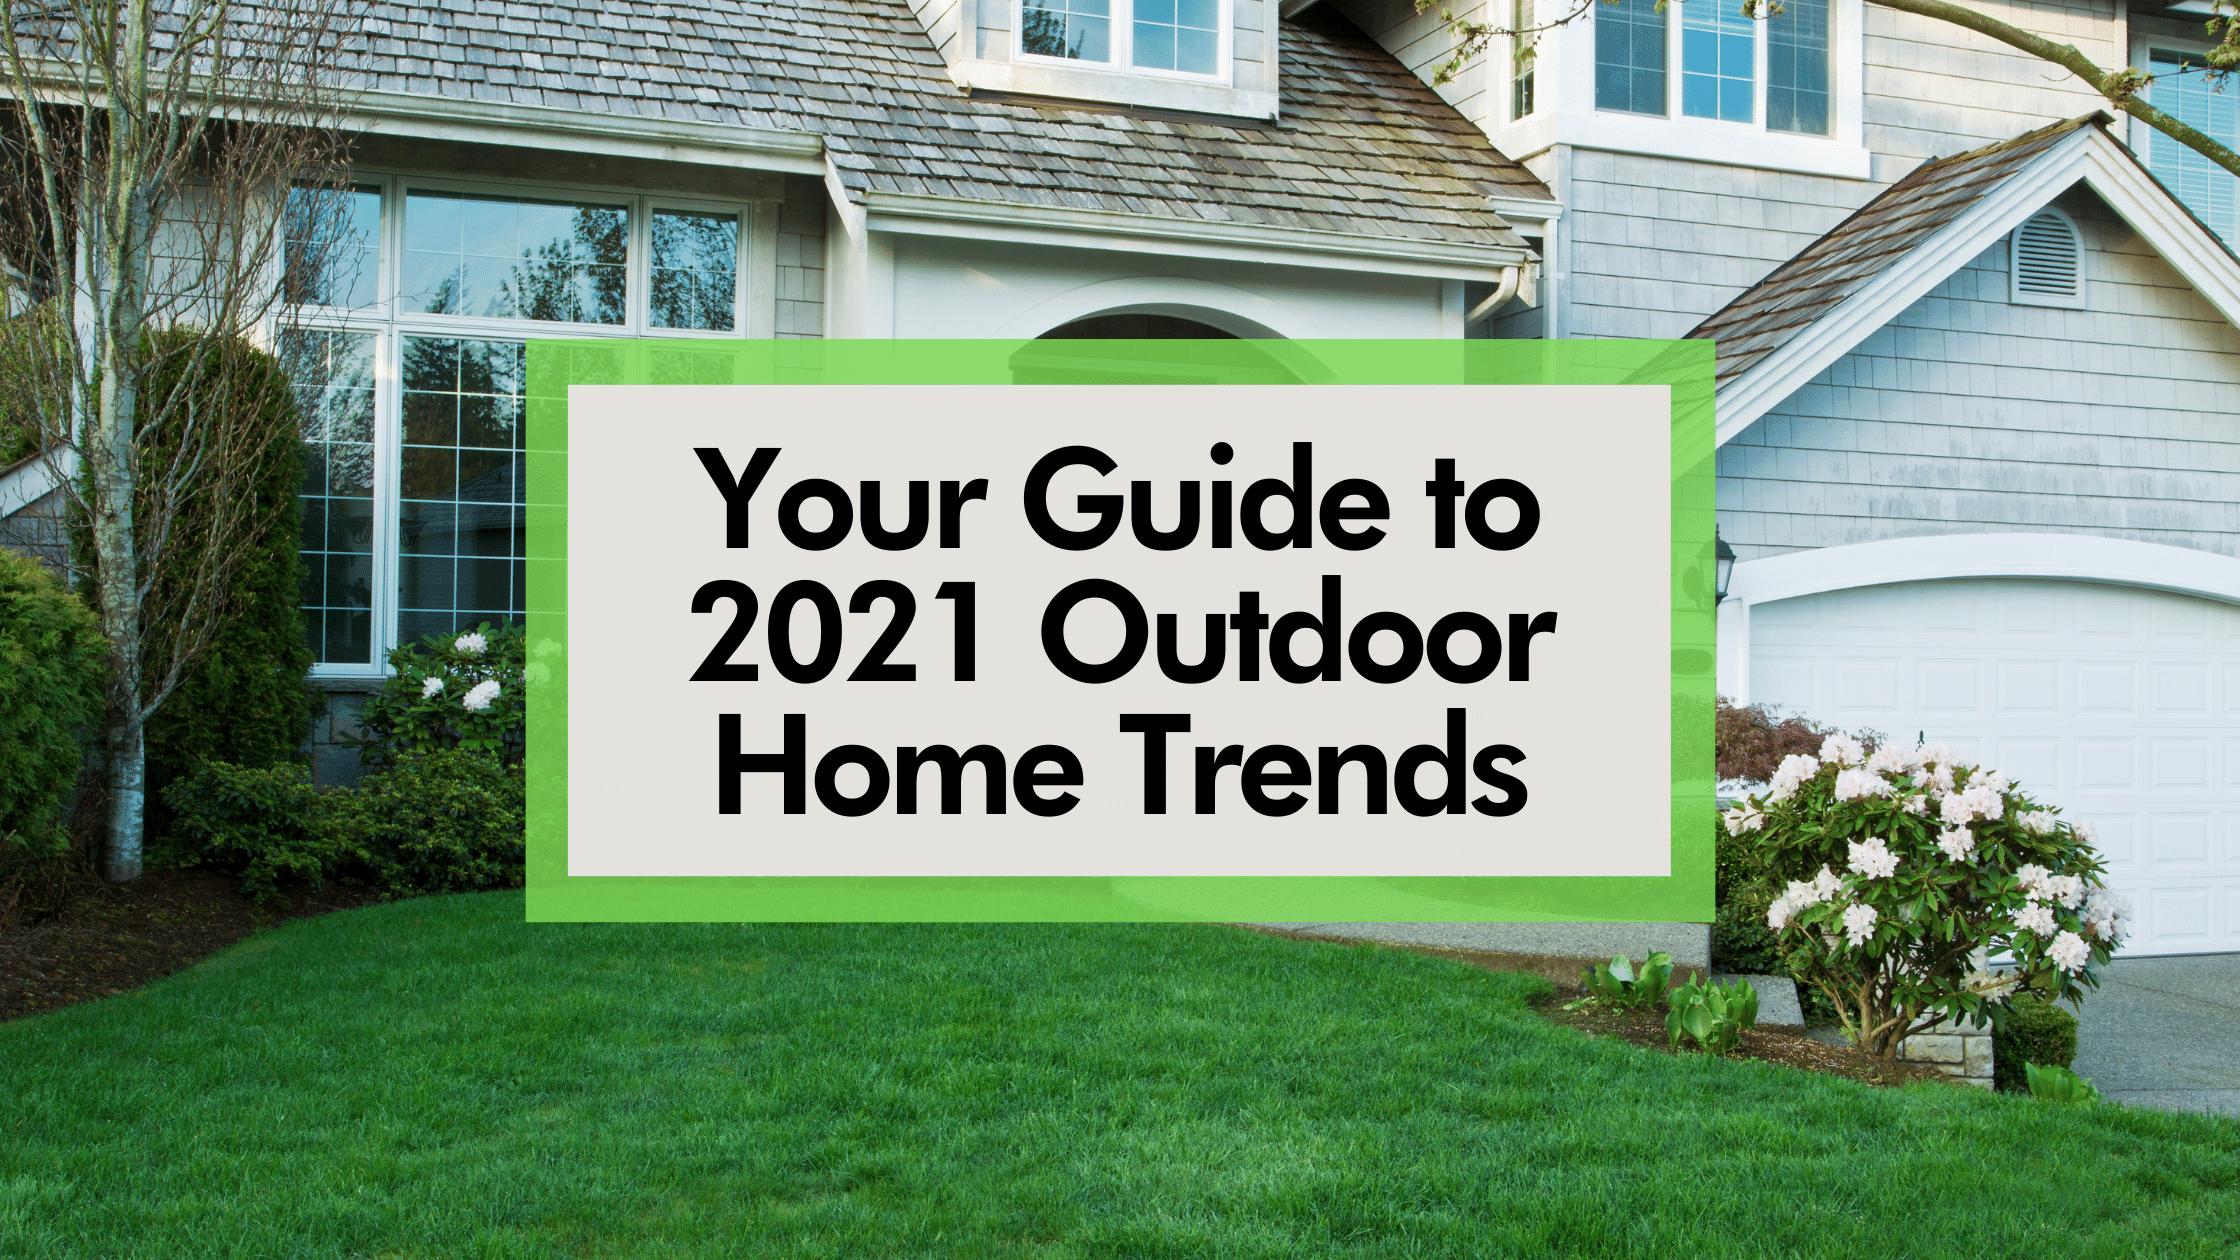 2021 Outdoor Home Trends Blog